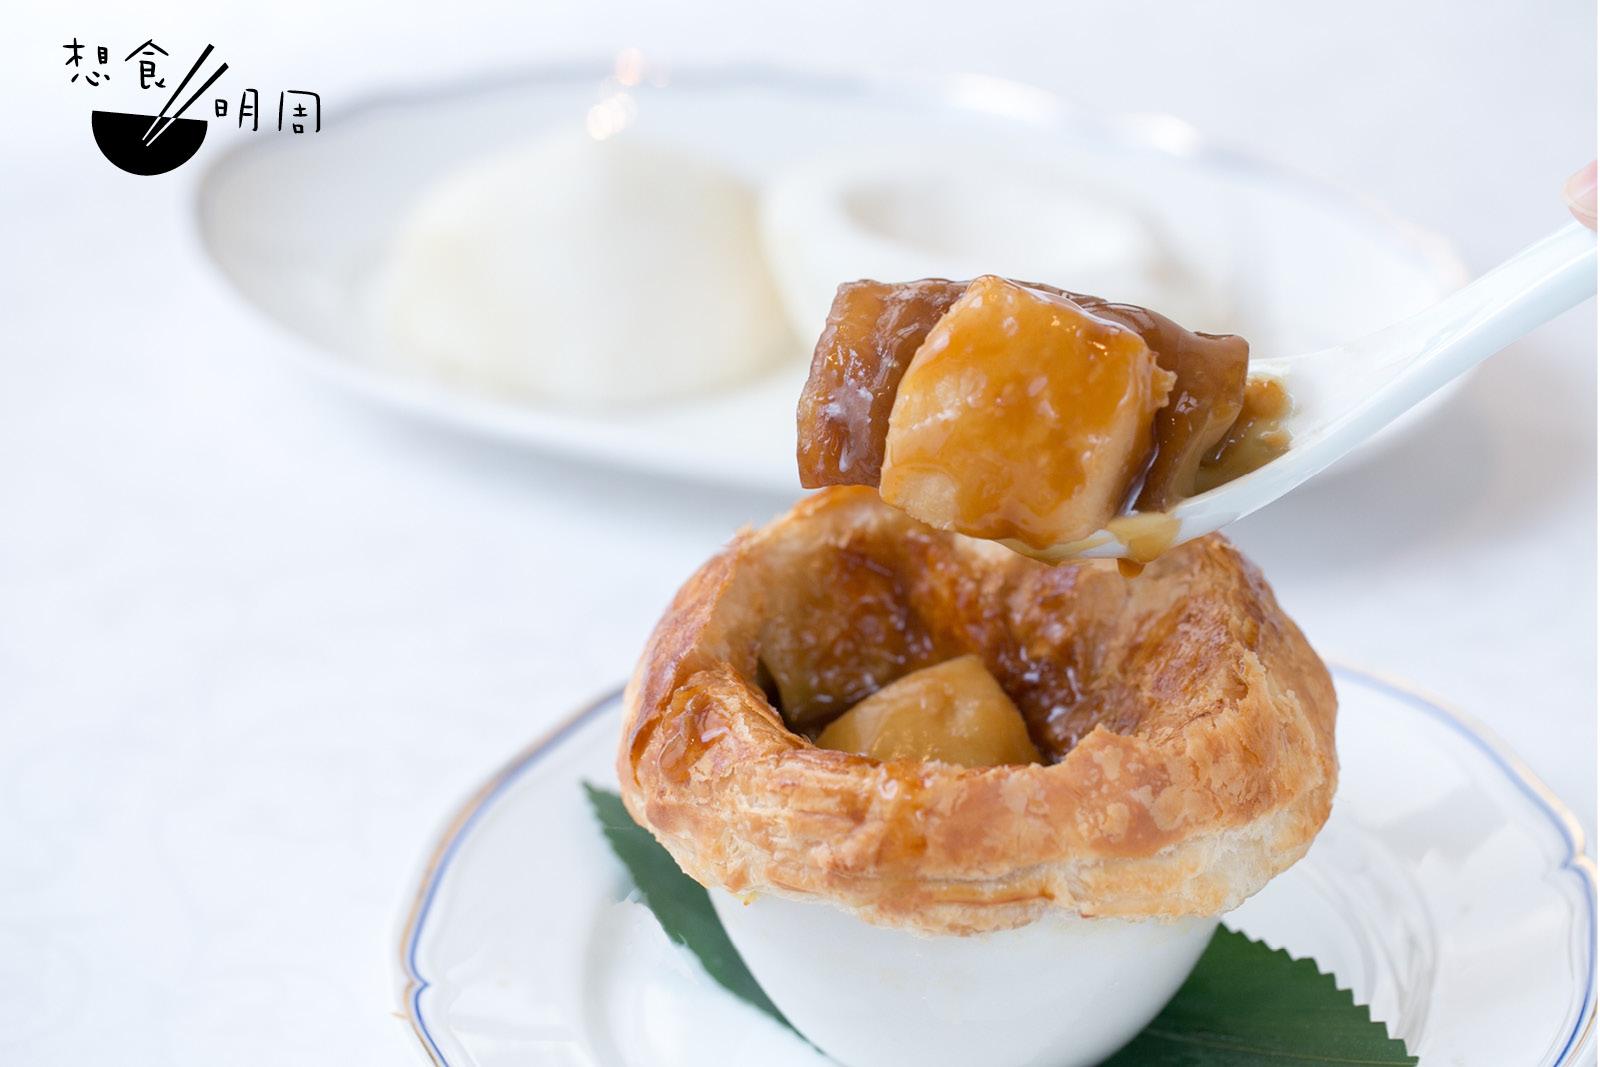 因為工序繁複,想吃酥皮焗鮑汁海參柚皮的話,要早兩天預訂呢!( $250)